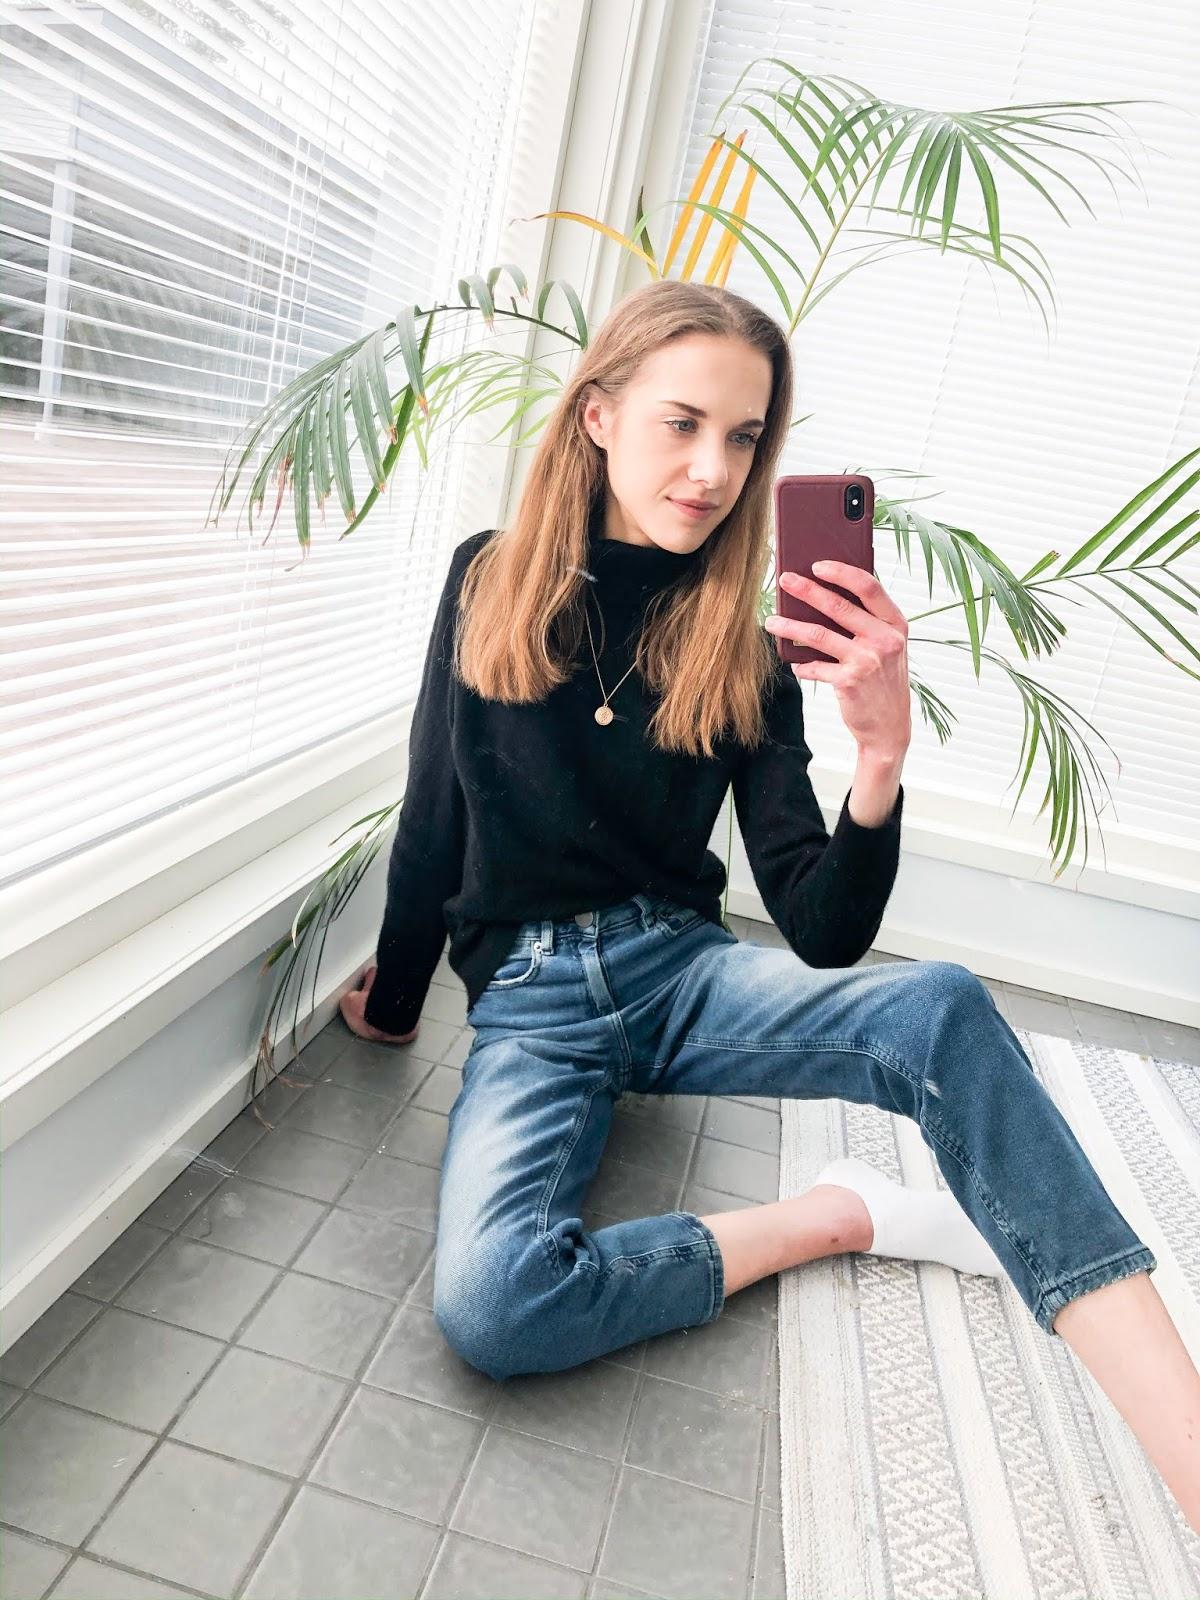 Work from home outfit: jeans + jumper - Kotitoimisto, asuinspiraatio, farkut, neule, muotibloggaaja